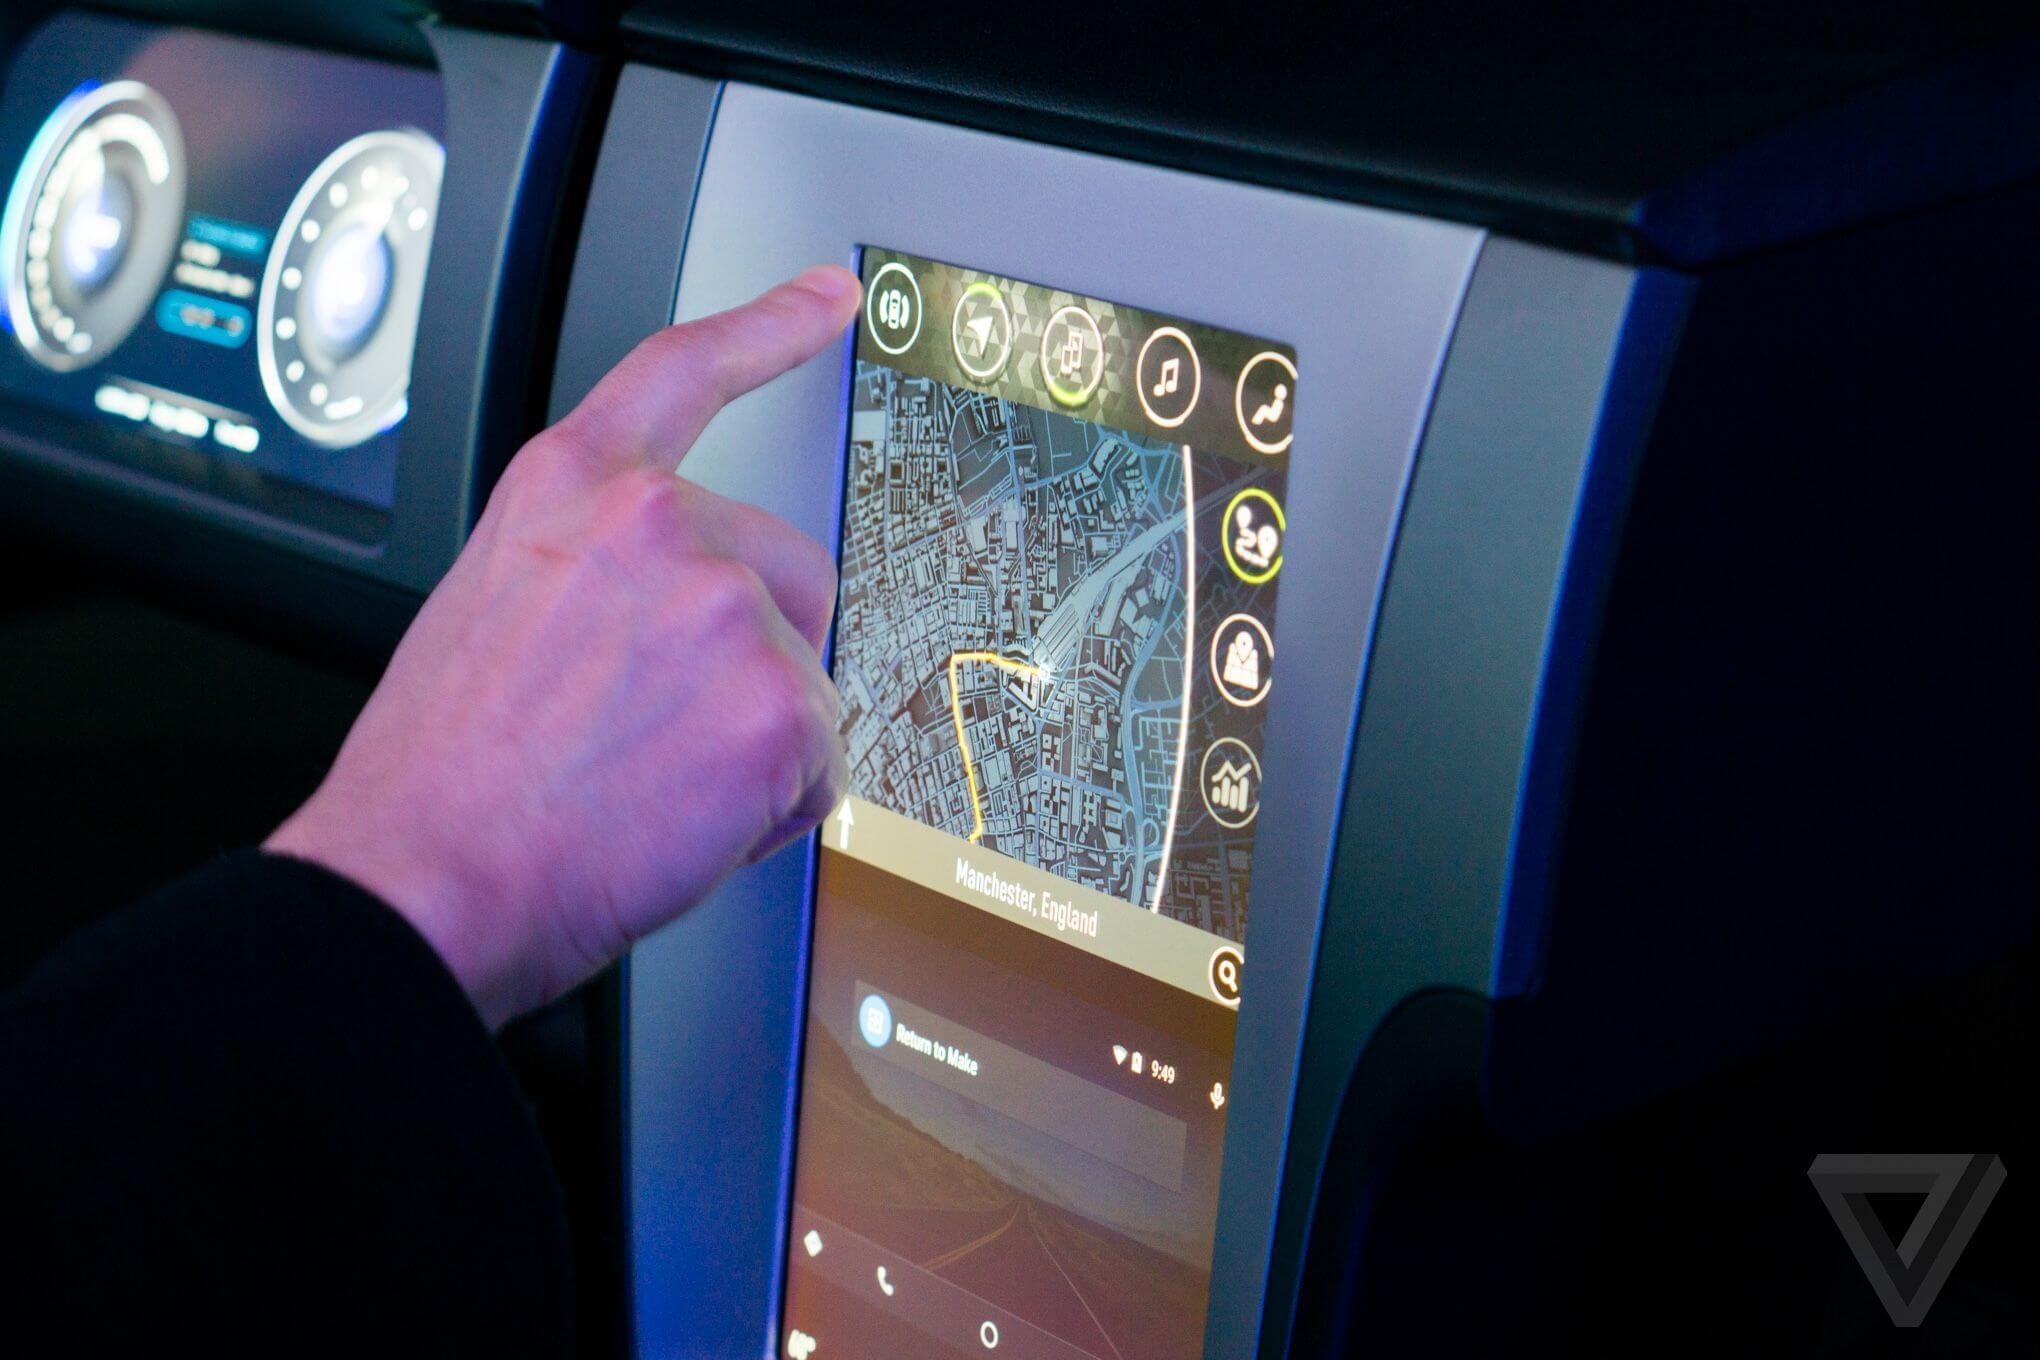 nvidia2 2040 0 - CES 2015: Nvidia mostra sistema de entretenimento informativo Tegra X1 para automóveis